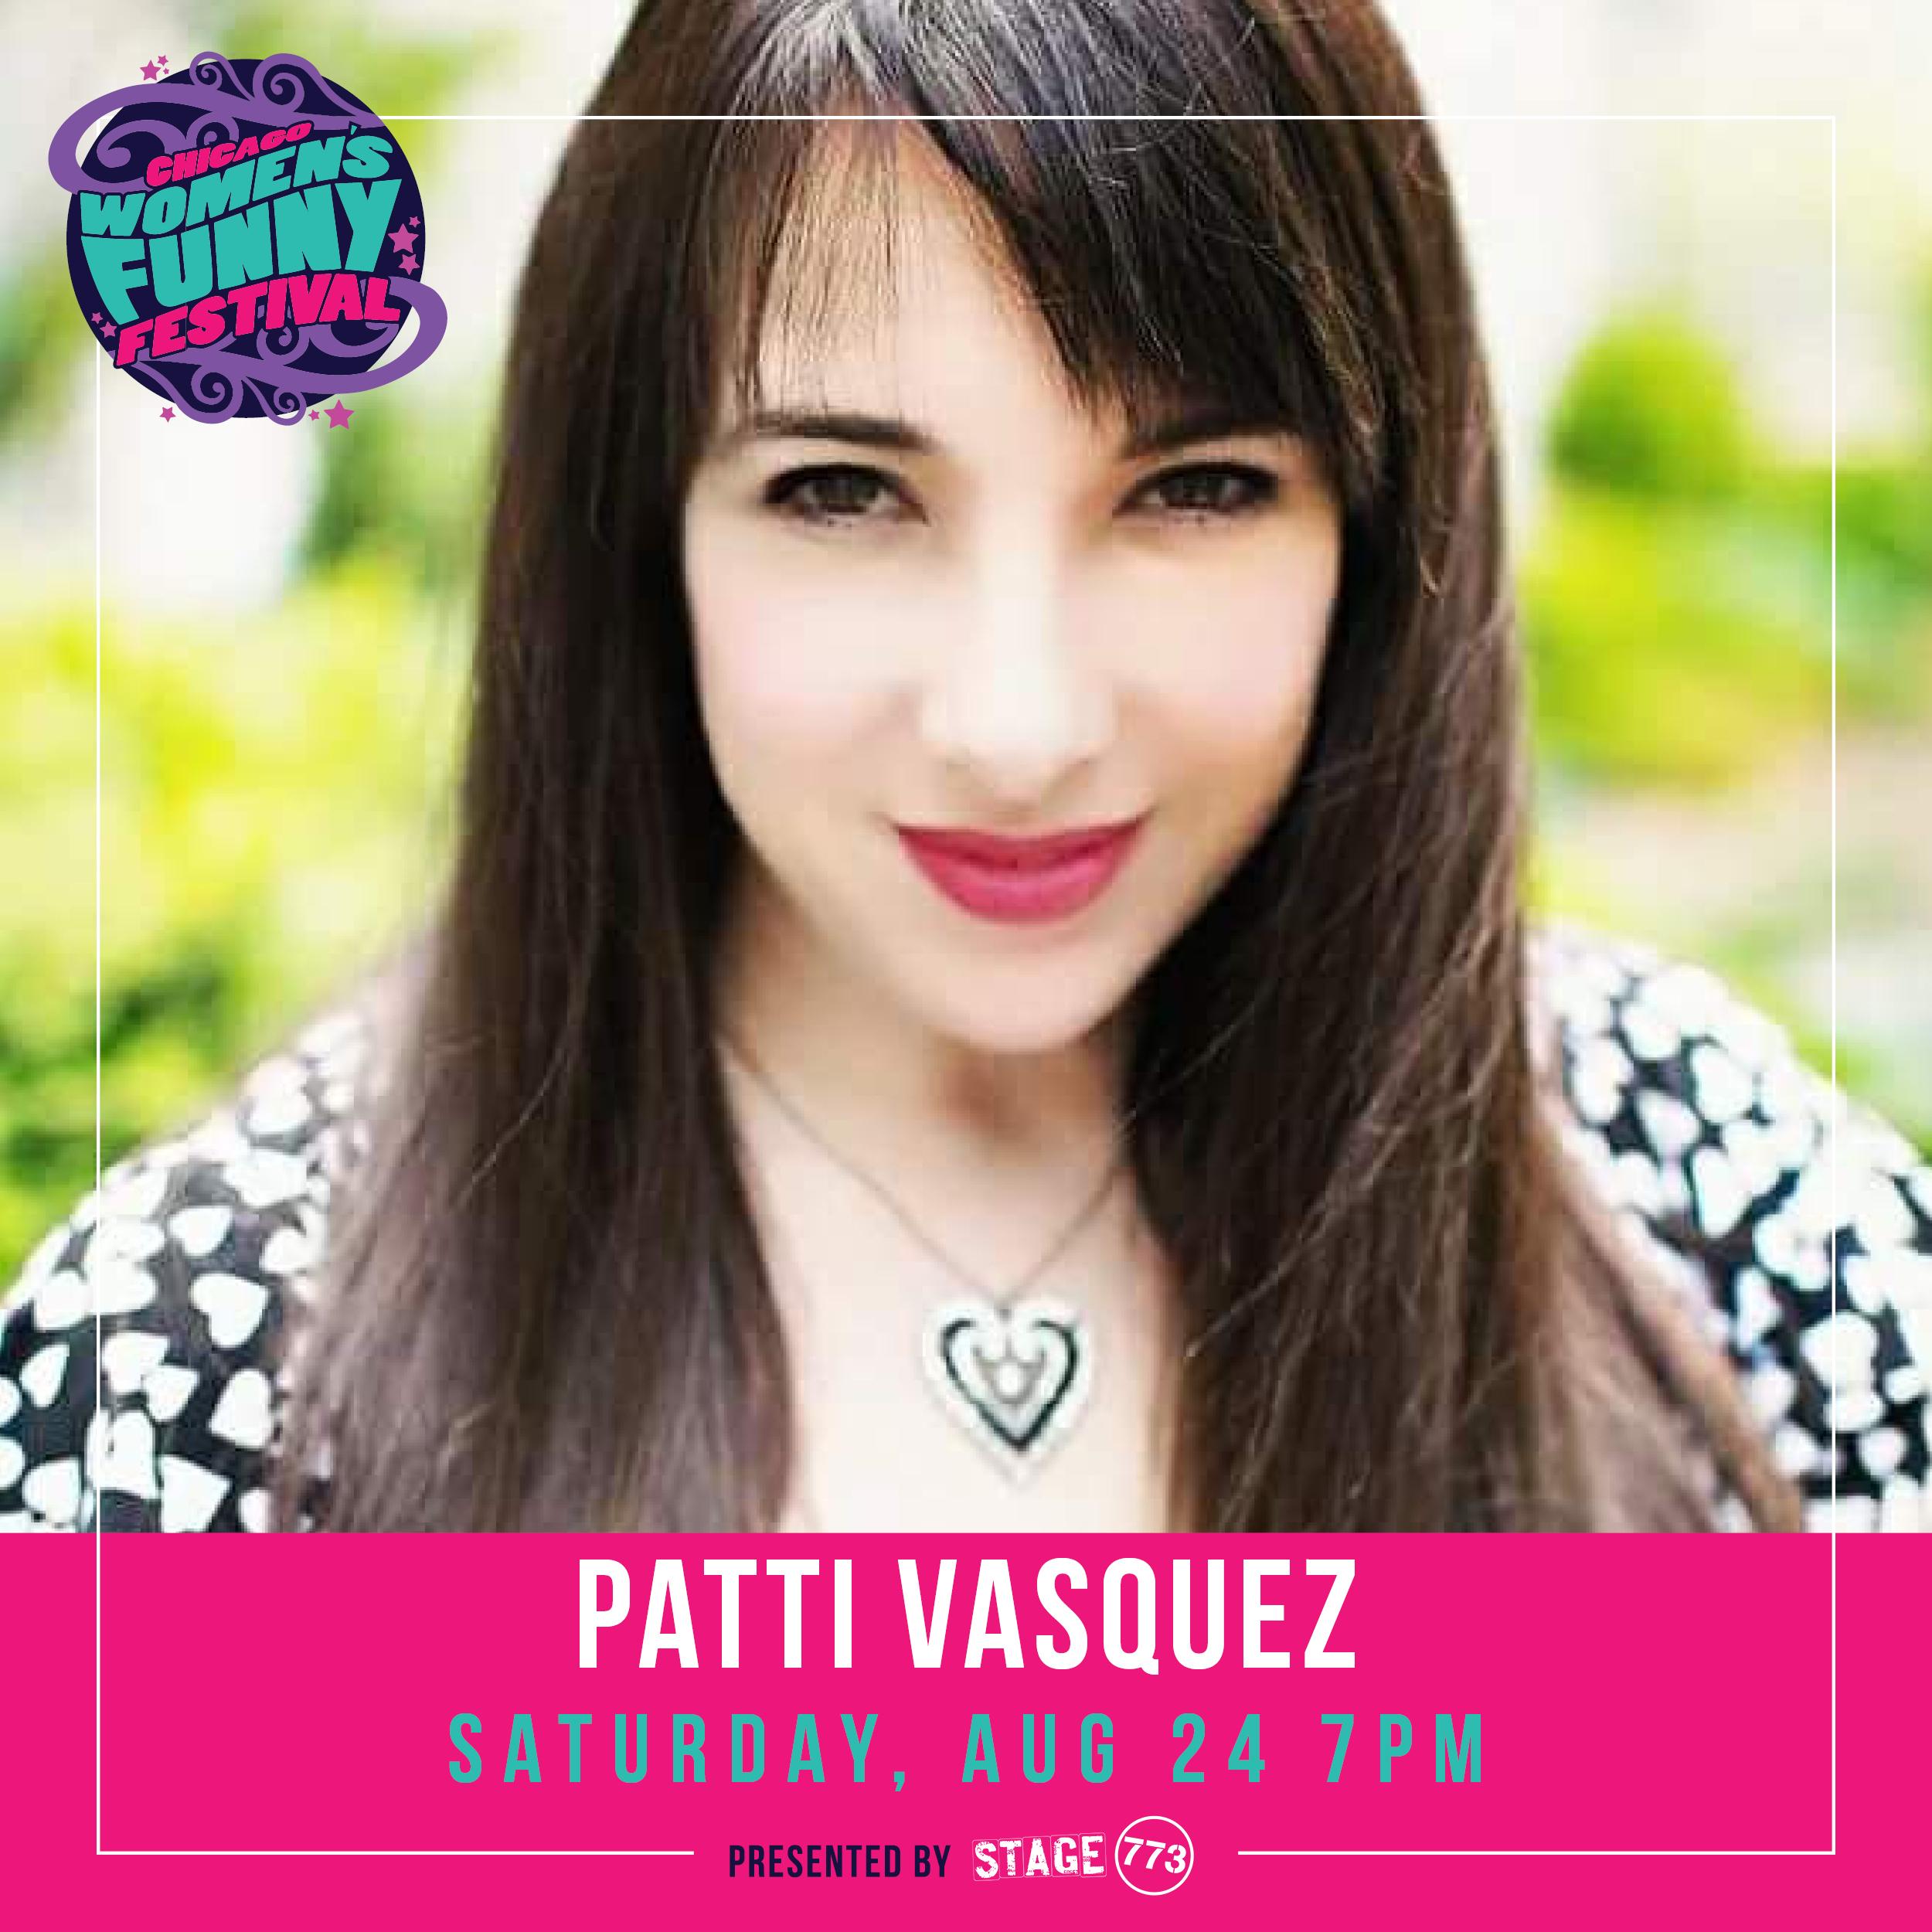 PattiVasquez_Saturday_7PM_CWFF2019.jpg